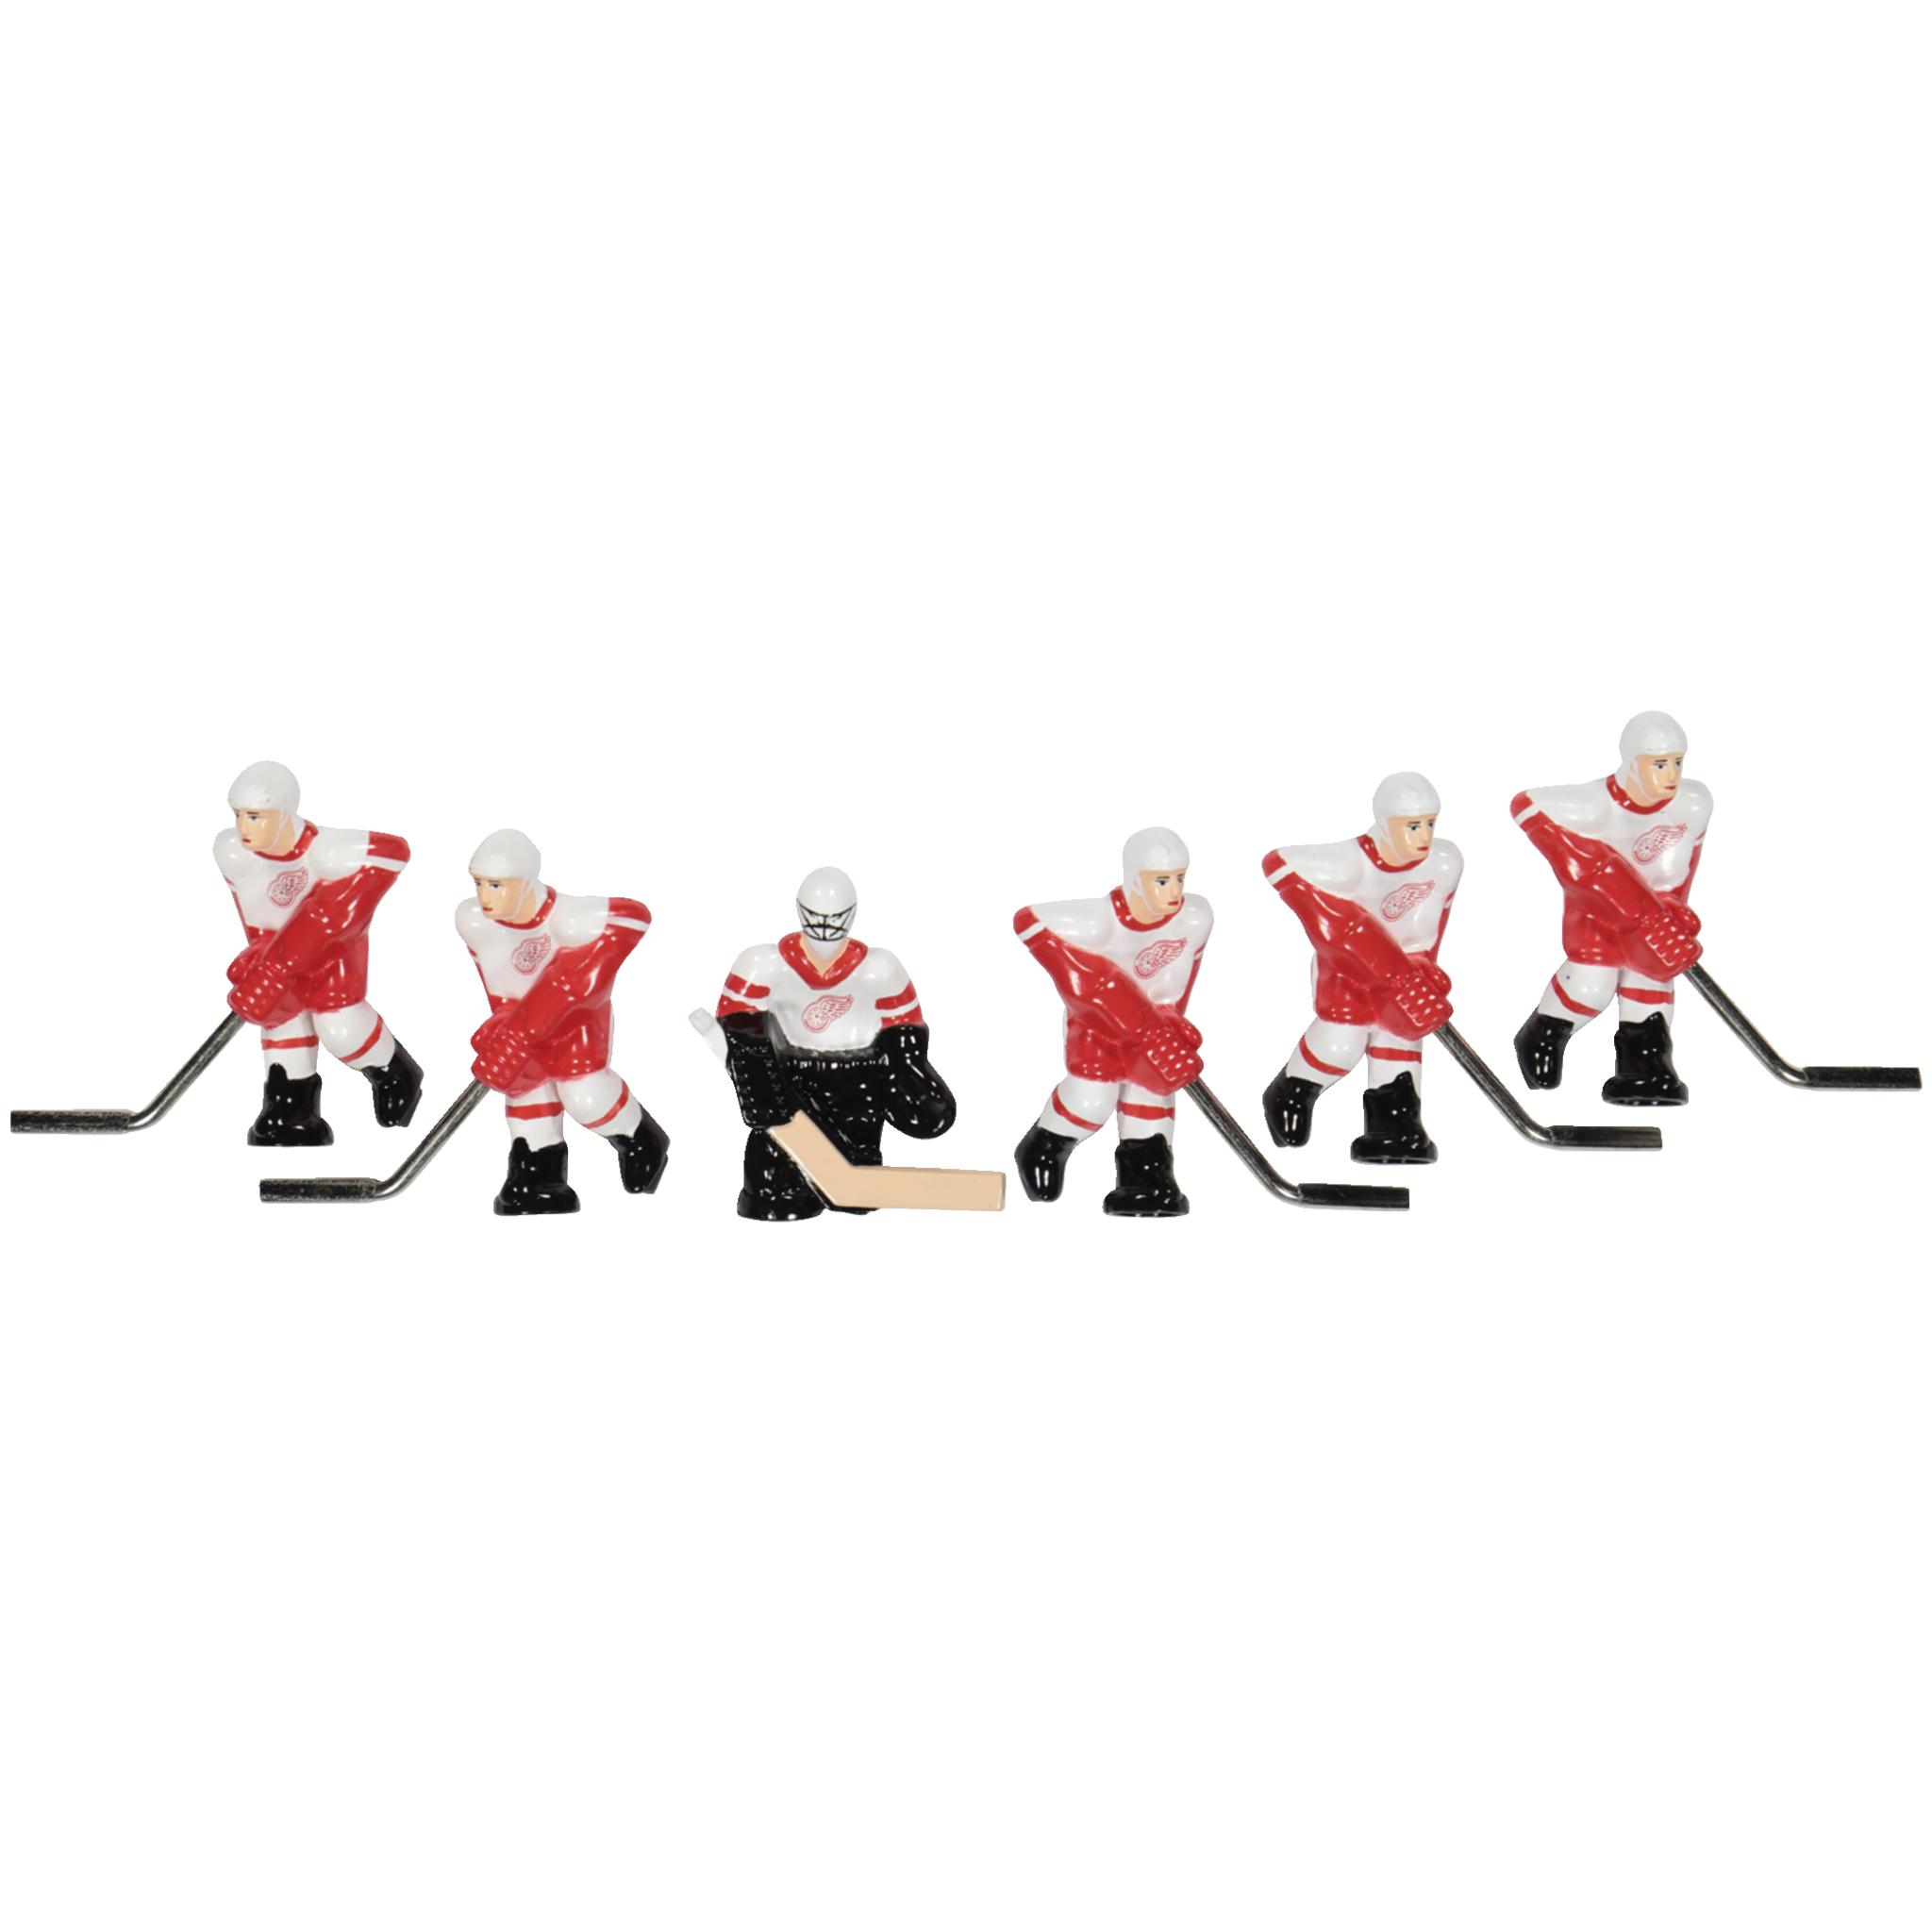 Stiga Detroit Red Wings, figurer til bordhockey